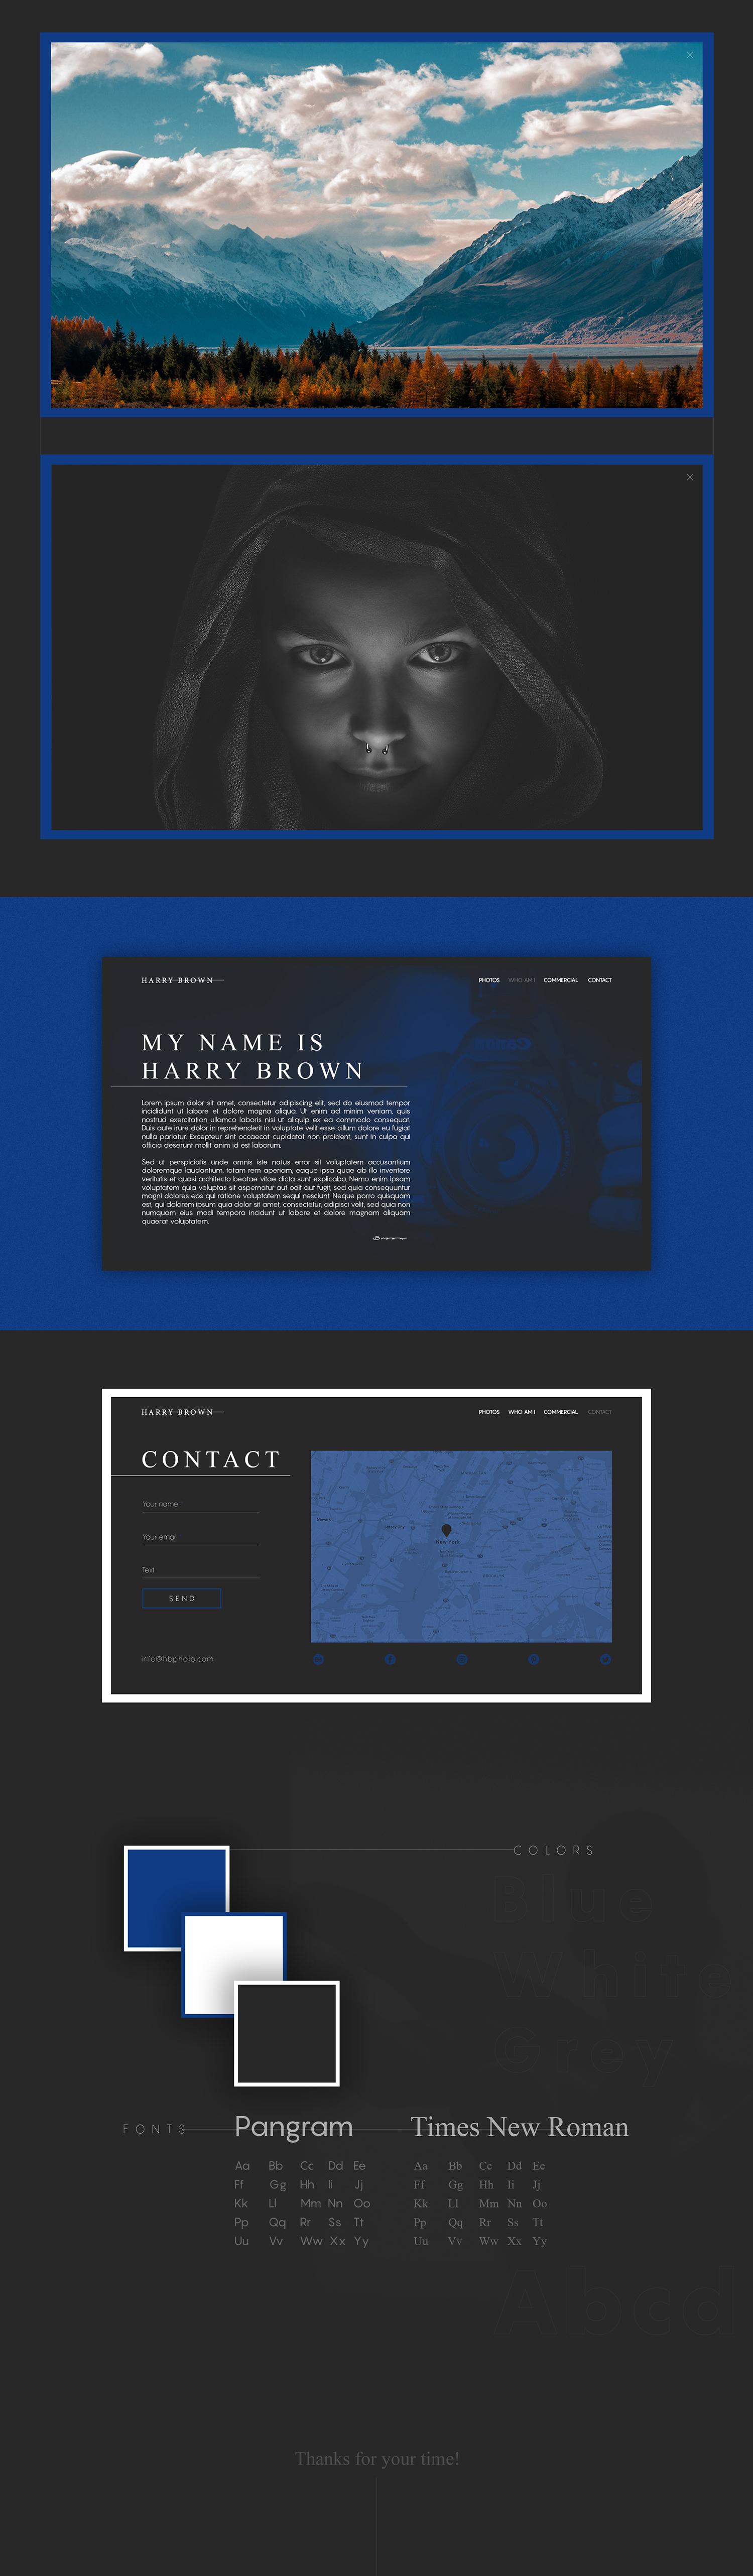 Harry Brown - website concept